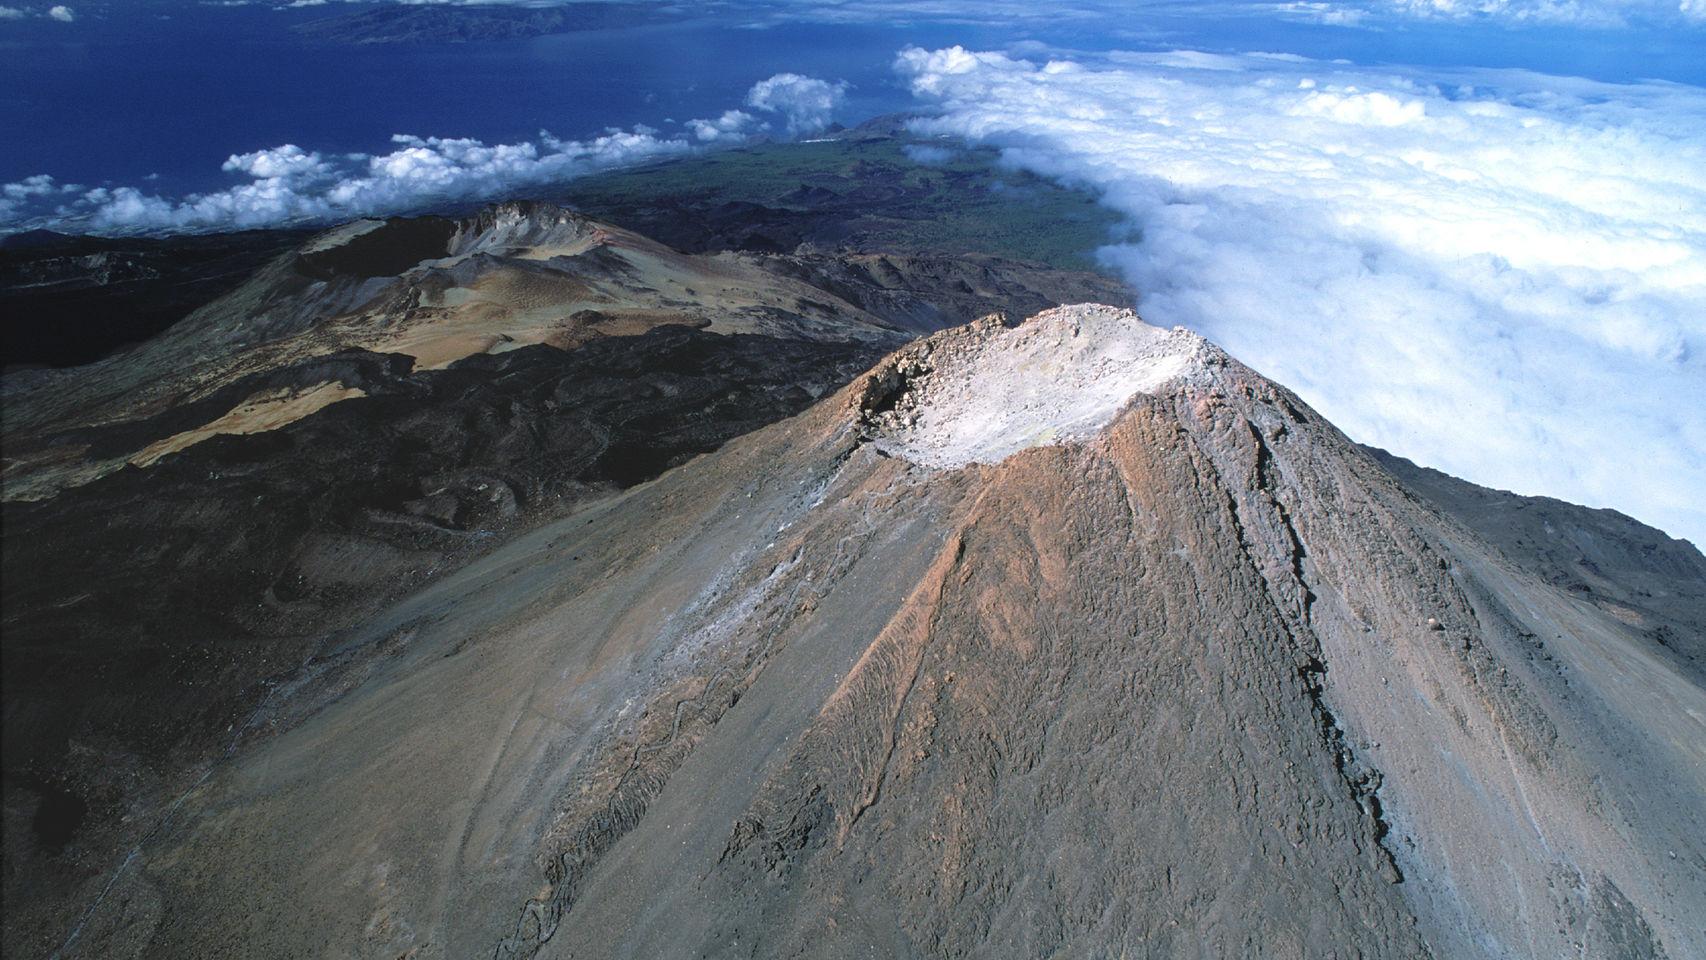 название вулканов и картинки особенные